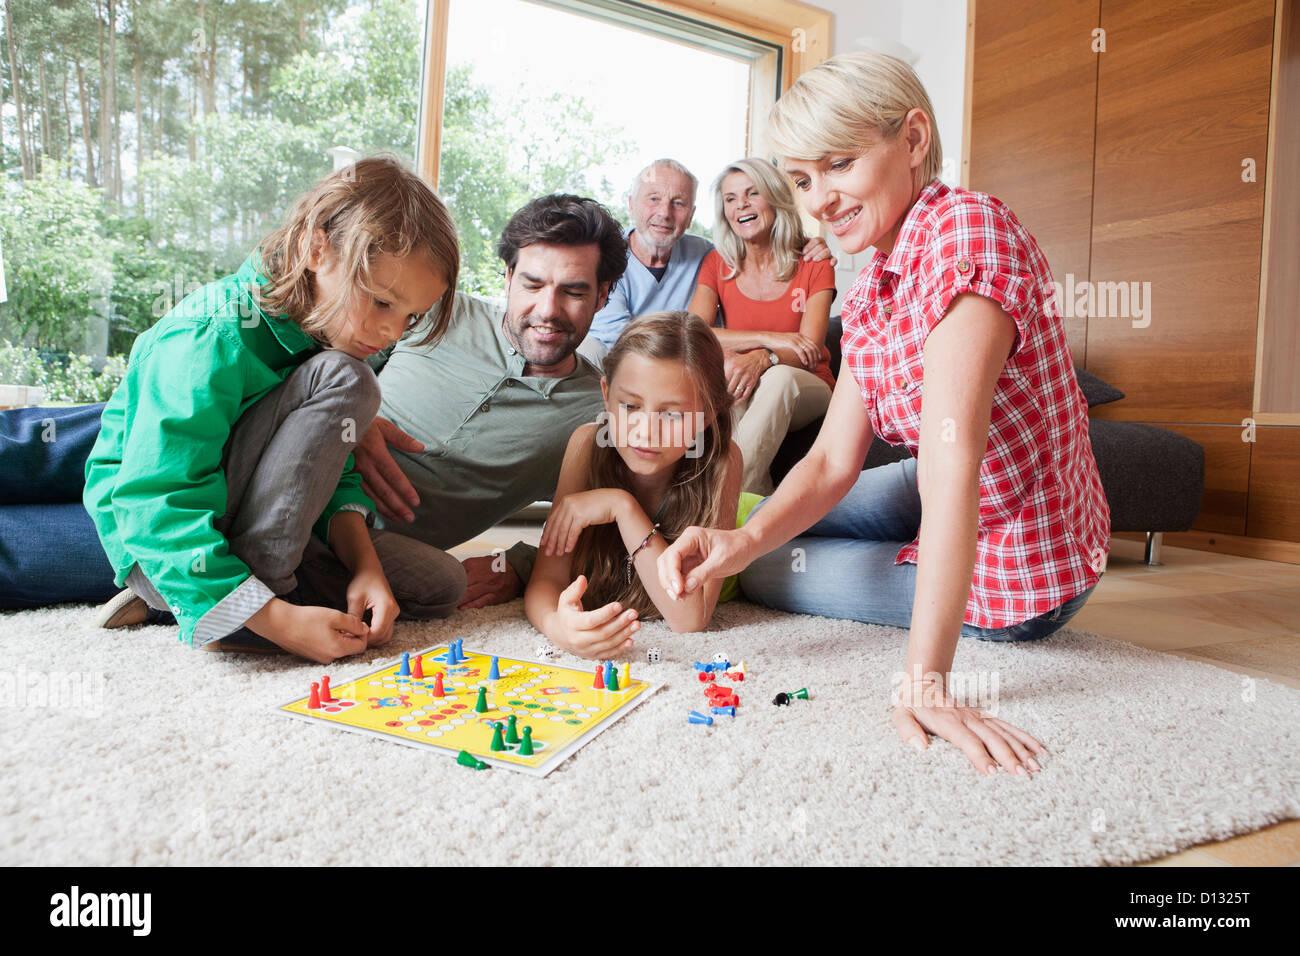 Deutschland, Bayern, Nürnberg, Familie spielen Brettspiel zusammen Stockbild